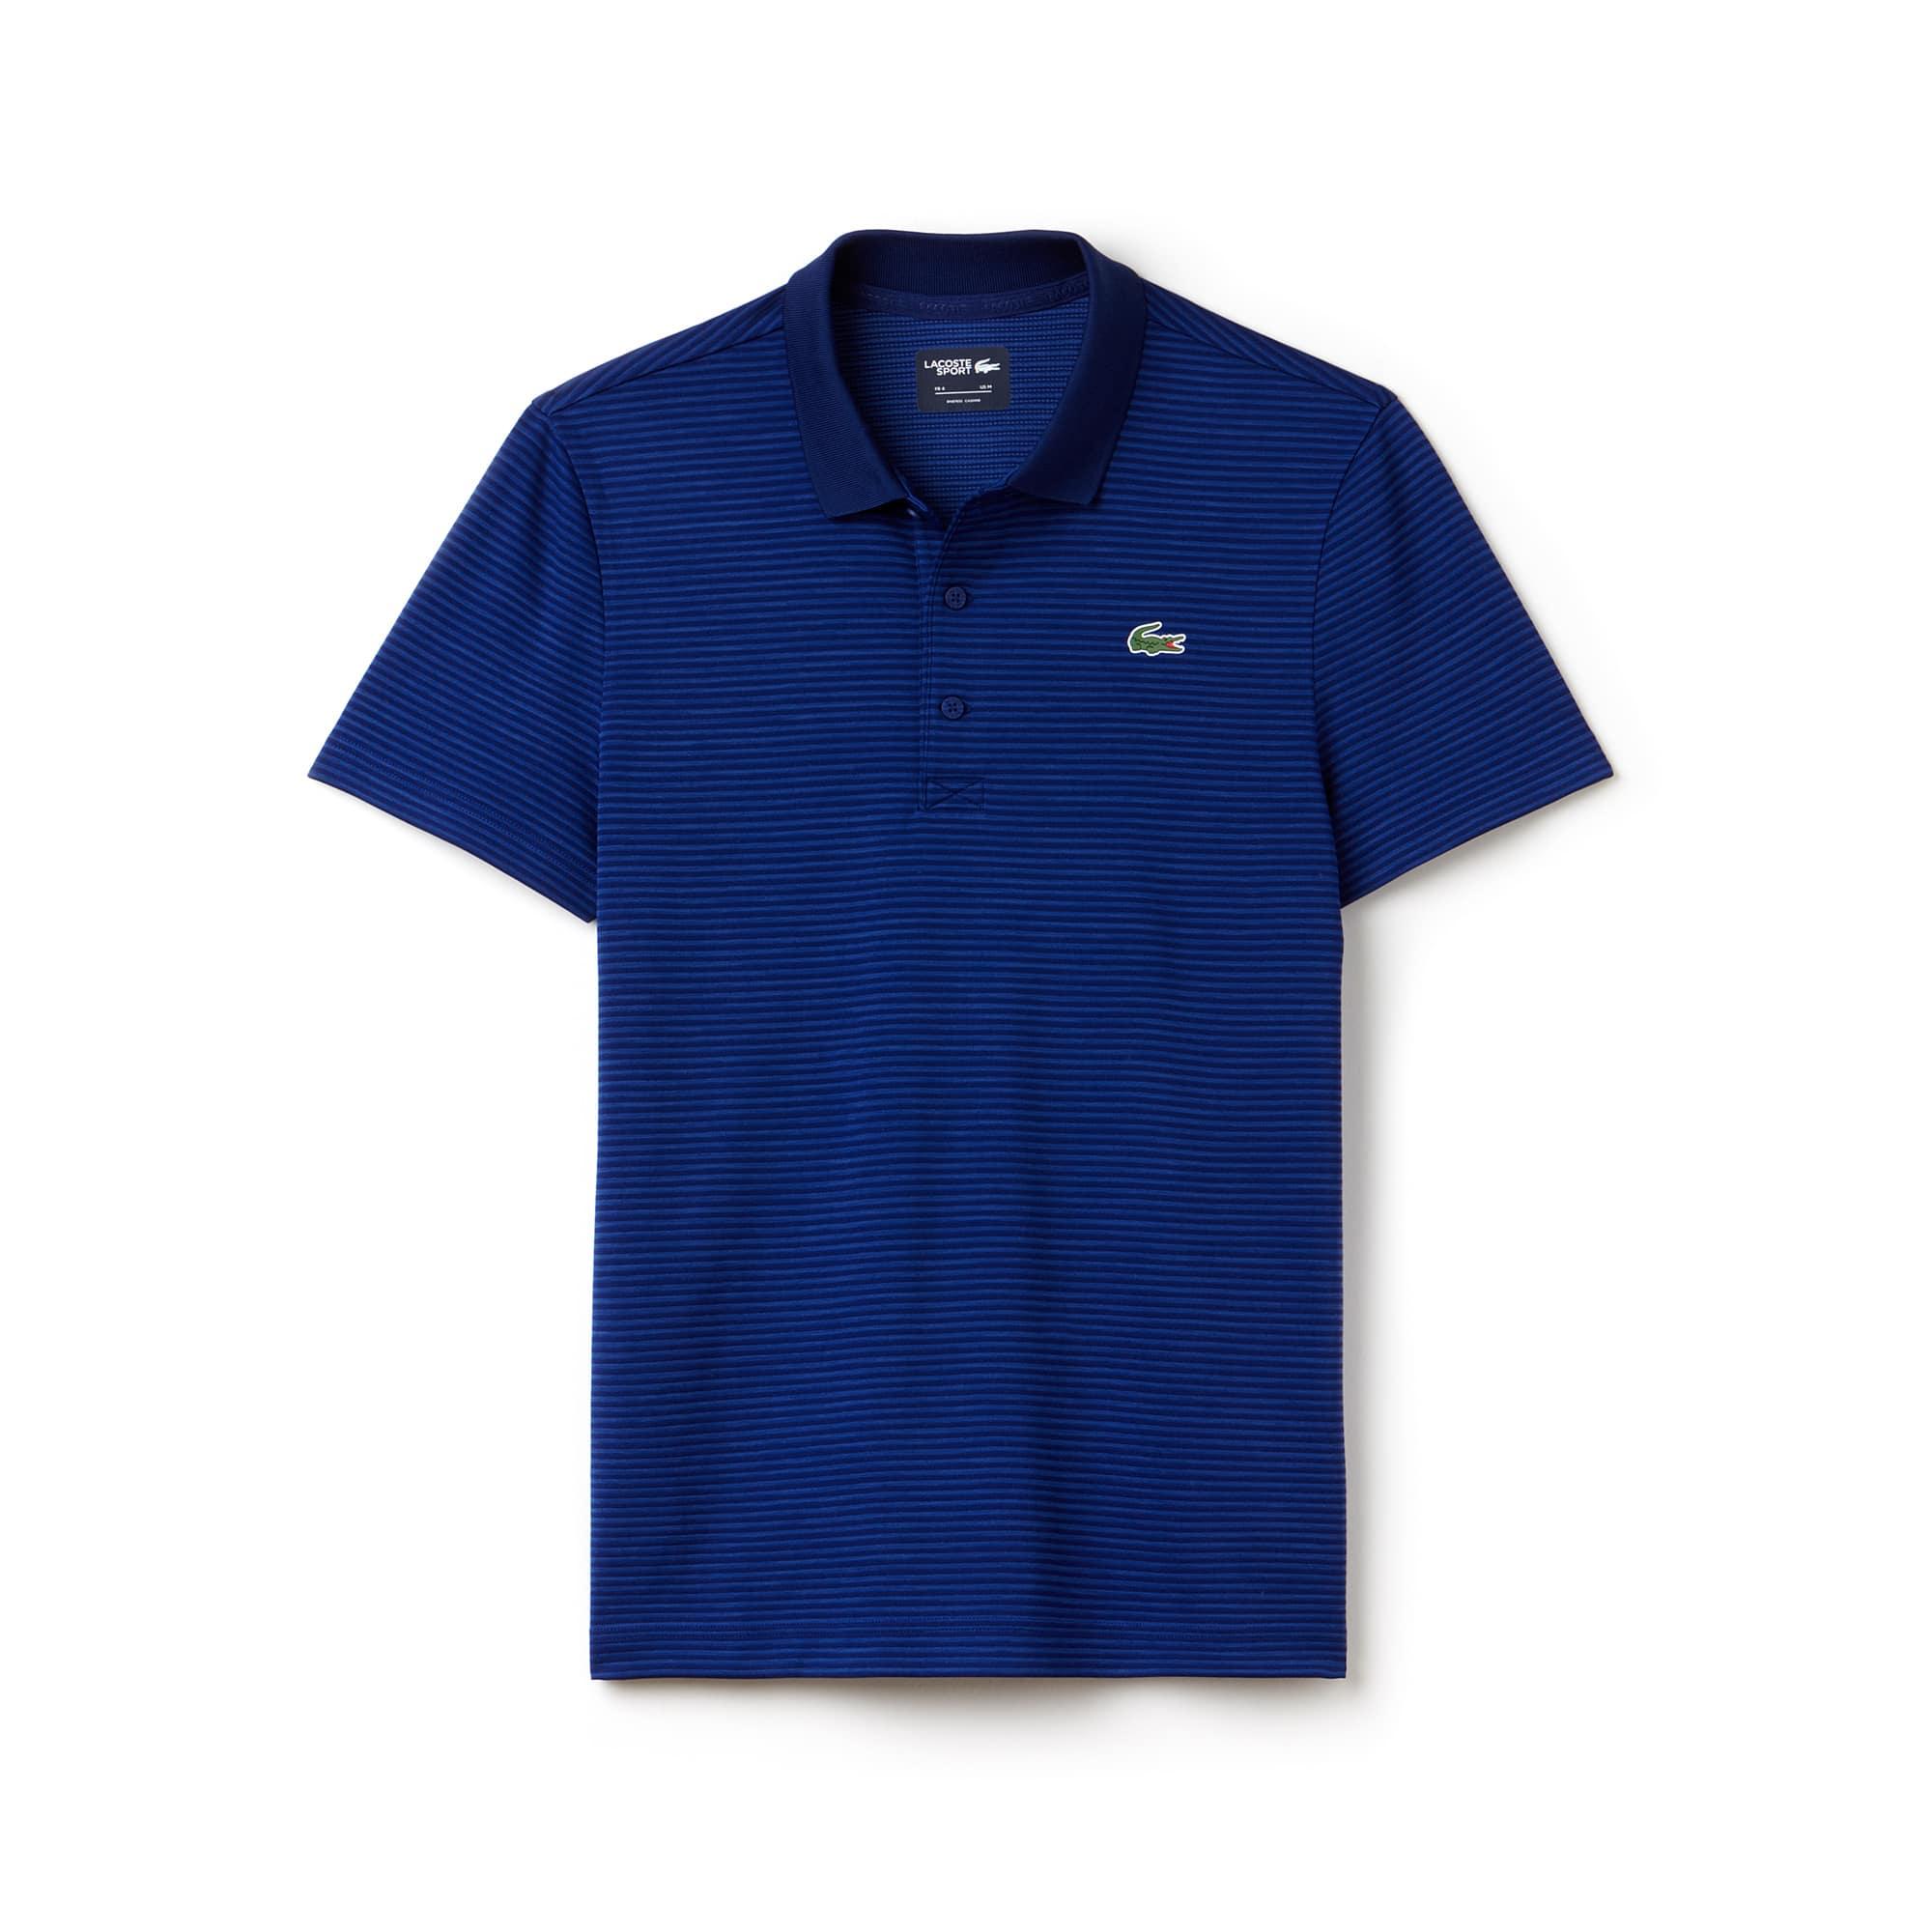 قميص بولو مُقلَّم من قماش الجيرسيه العملي من مجموعة Lacoste SPORT Golf للرجال